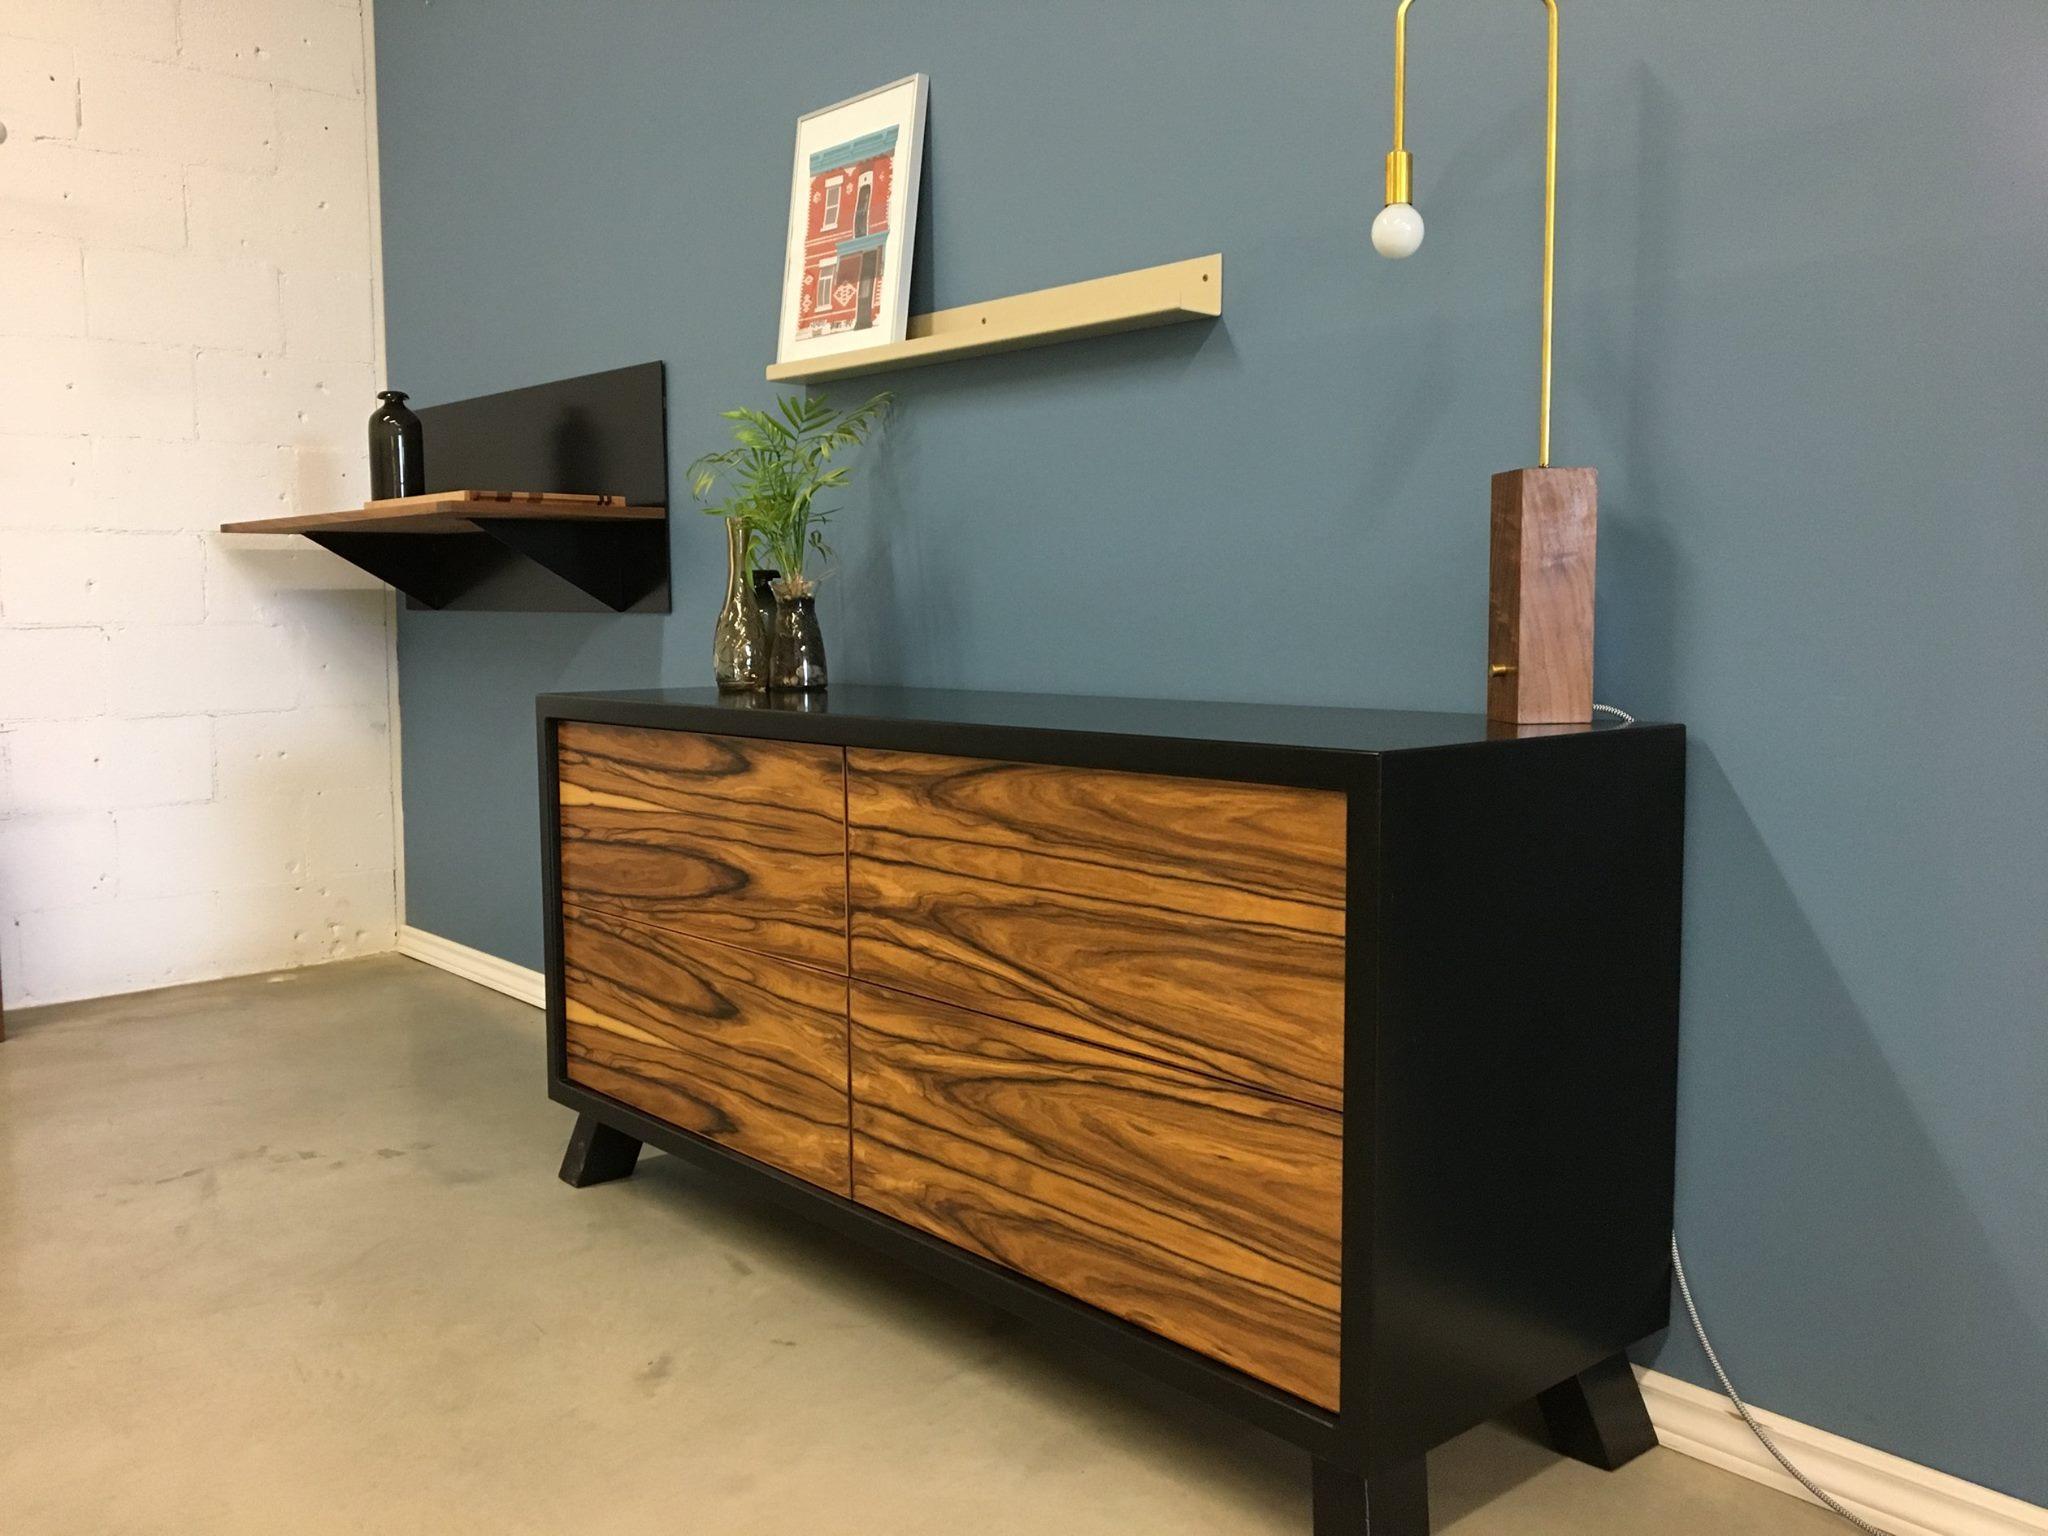 De gasp lance sa nouvelle collection 2017 de meubles en s for Meuble quebecois design